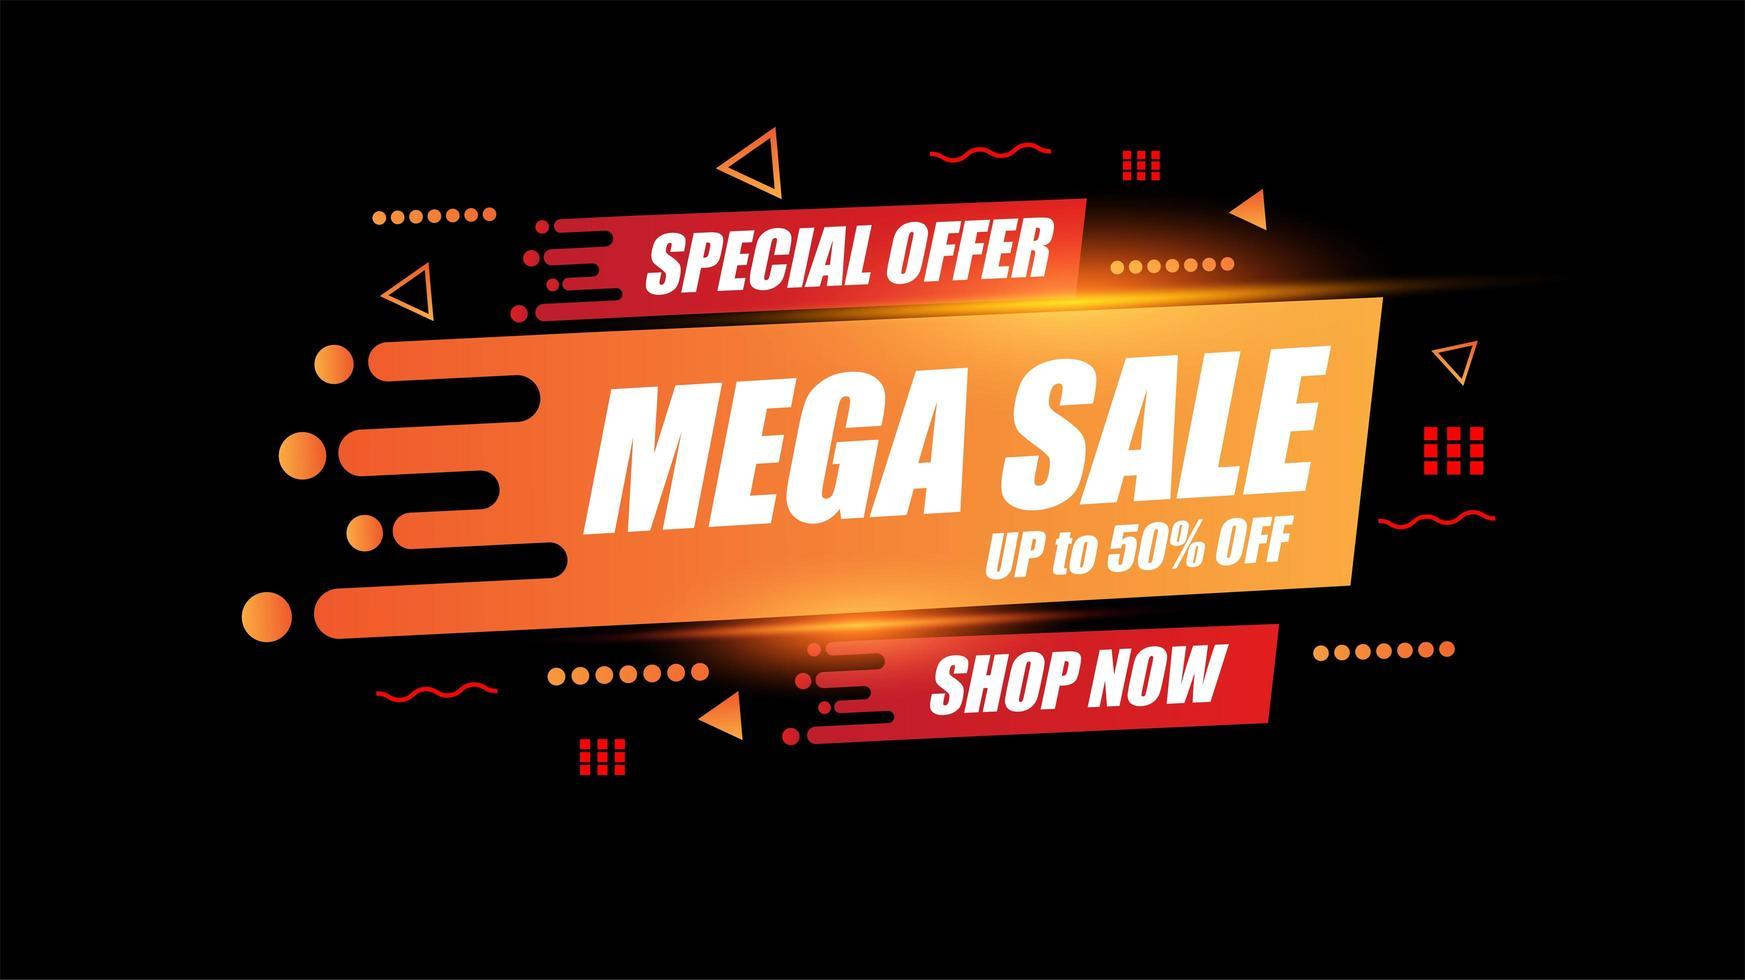 Abstract Mega verkoop sjabloonontwerp voor speciale aanbiedingen, verkoop en kortingen vector